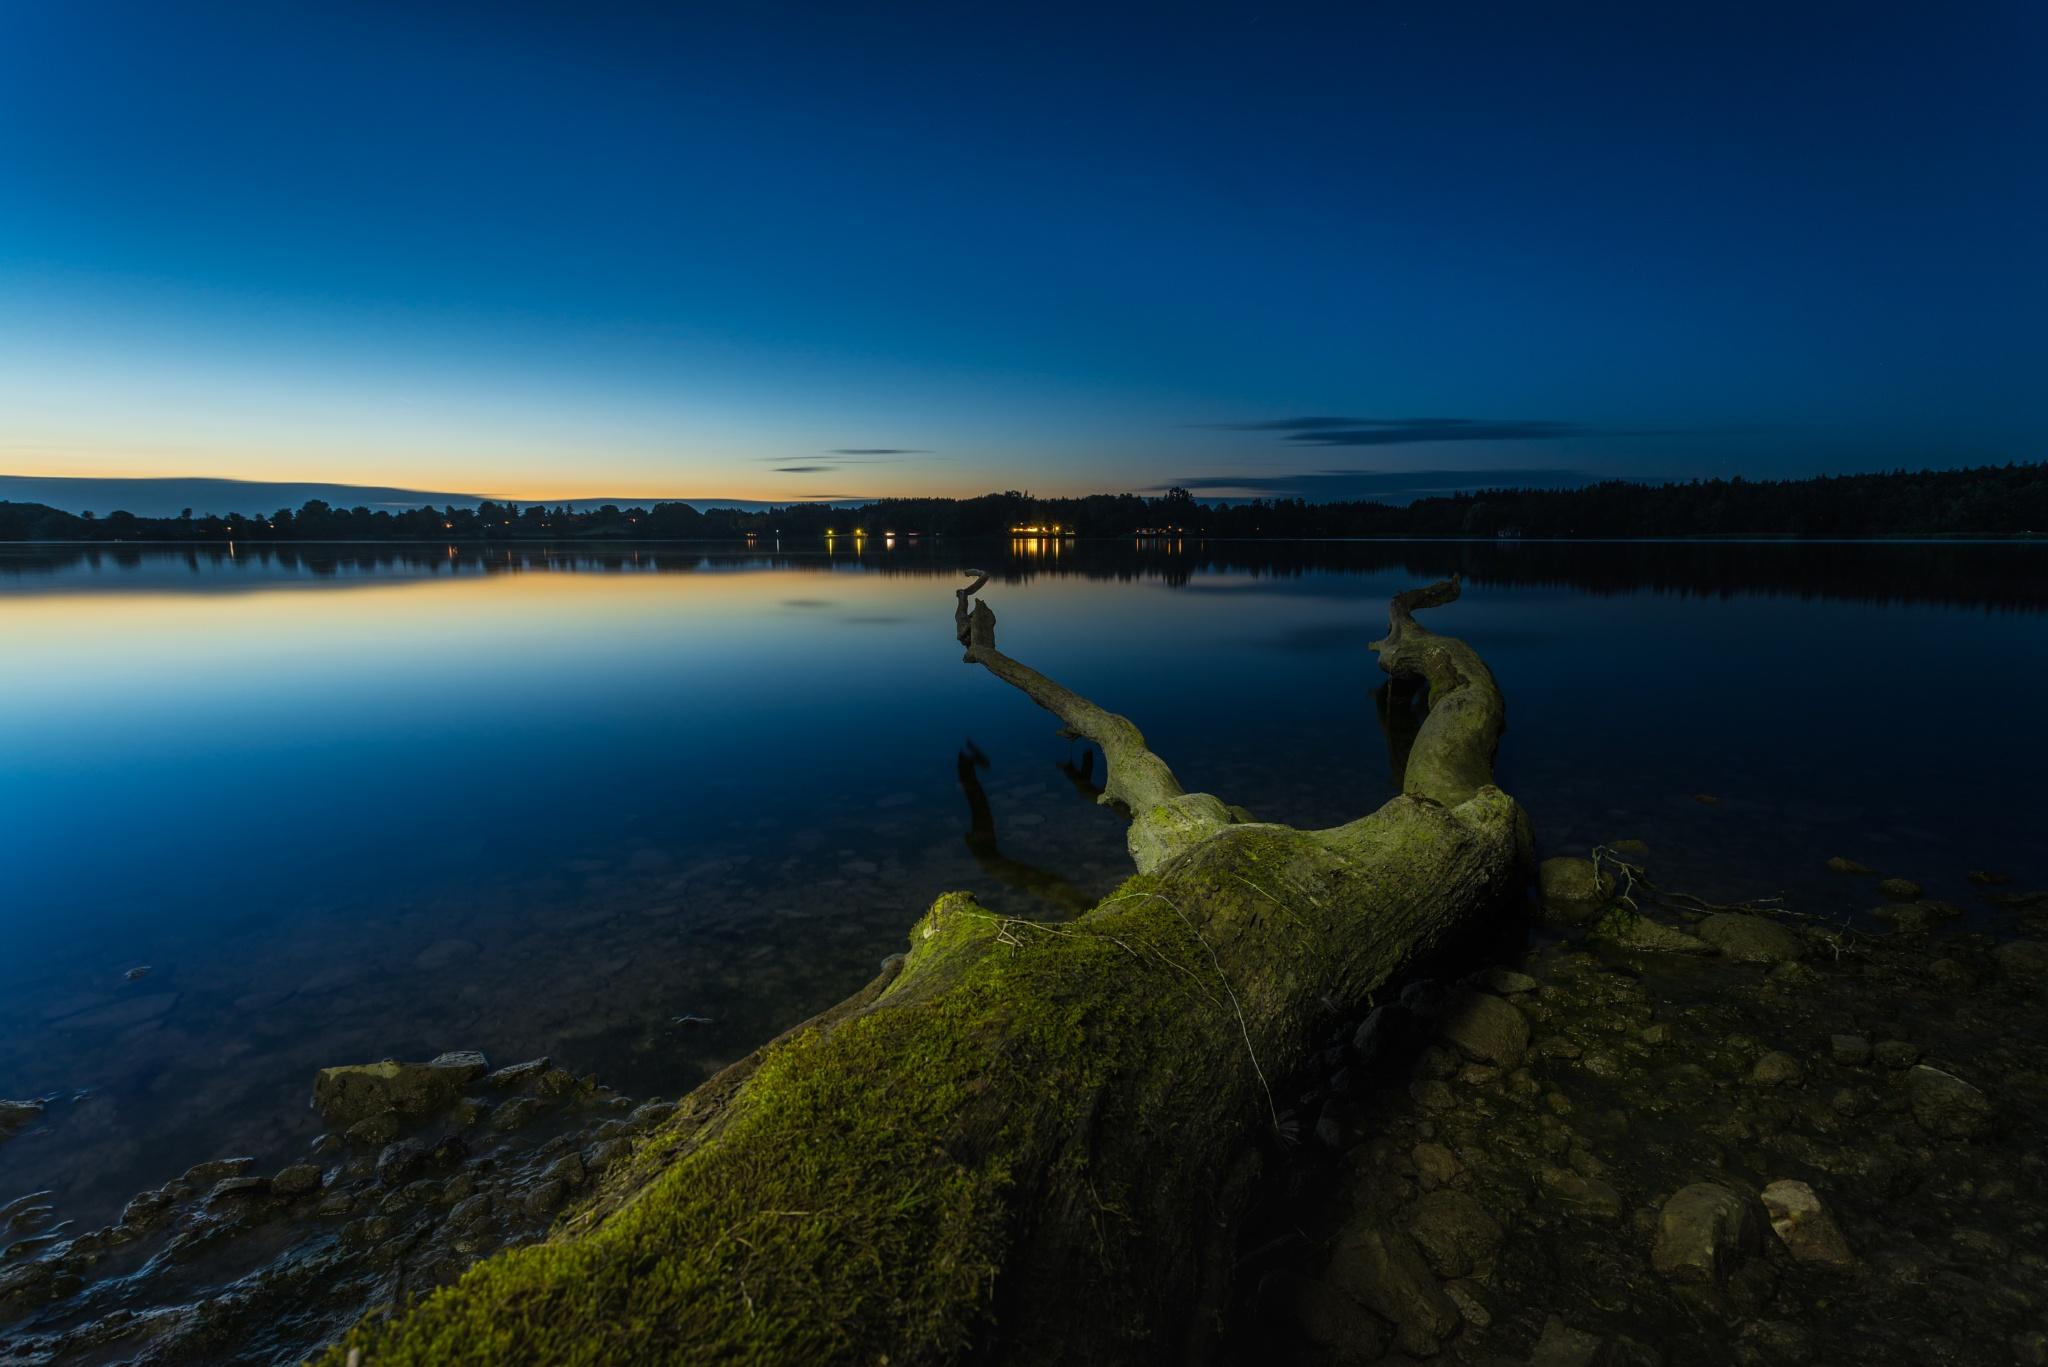 mystic tree by Fejeregyhazy